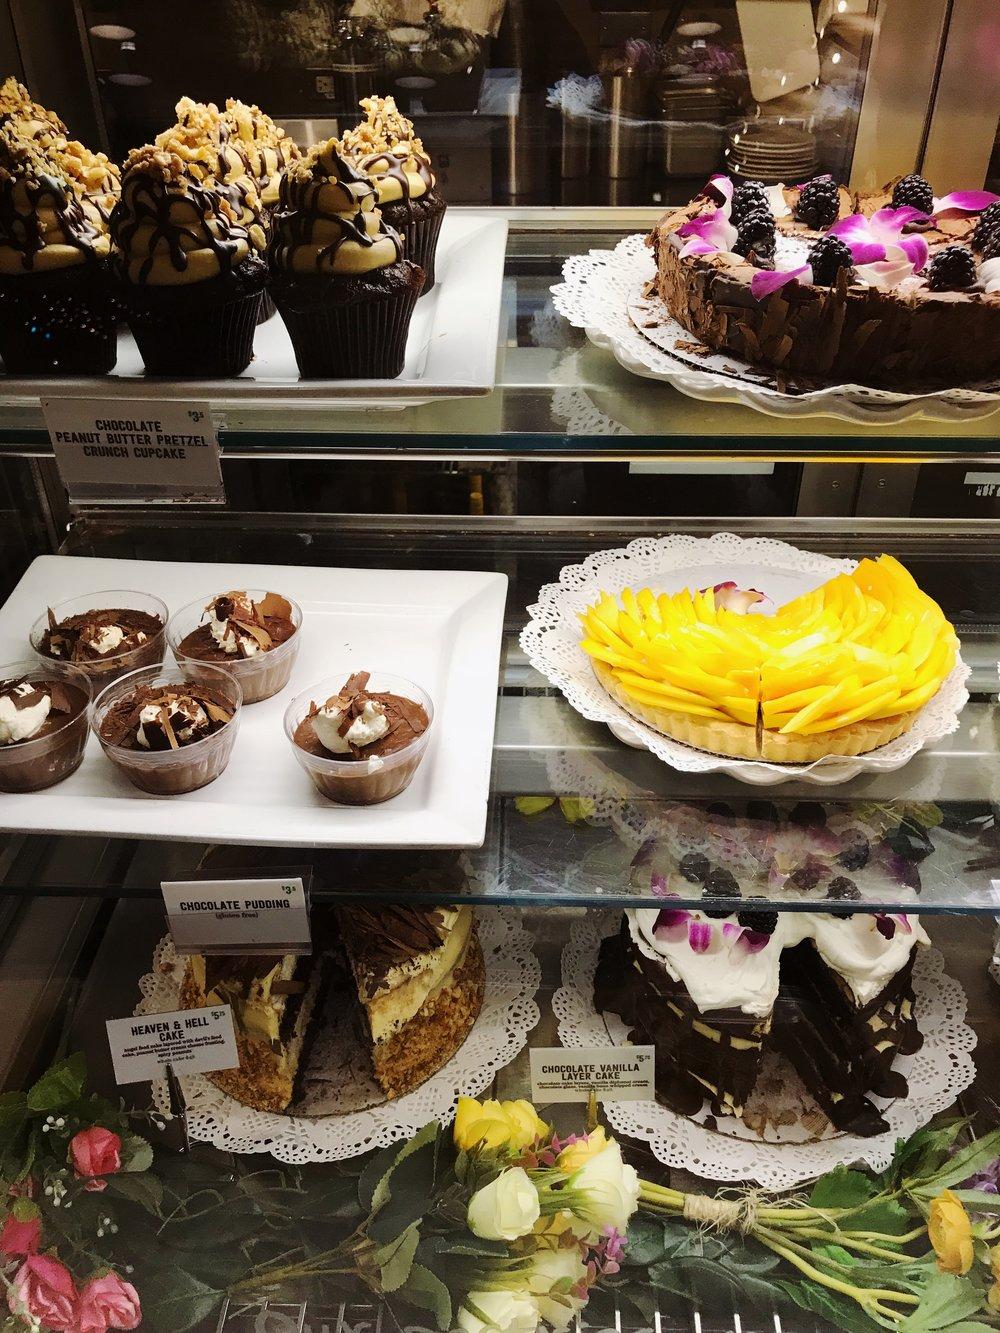 best-gluten-free-desserts-san-diego-urban-plates.jpg